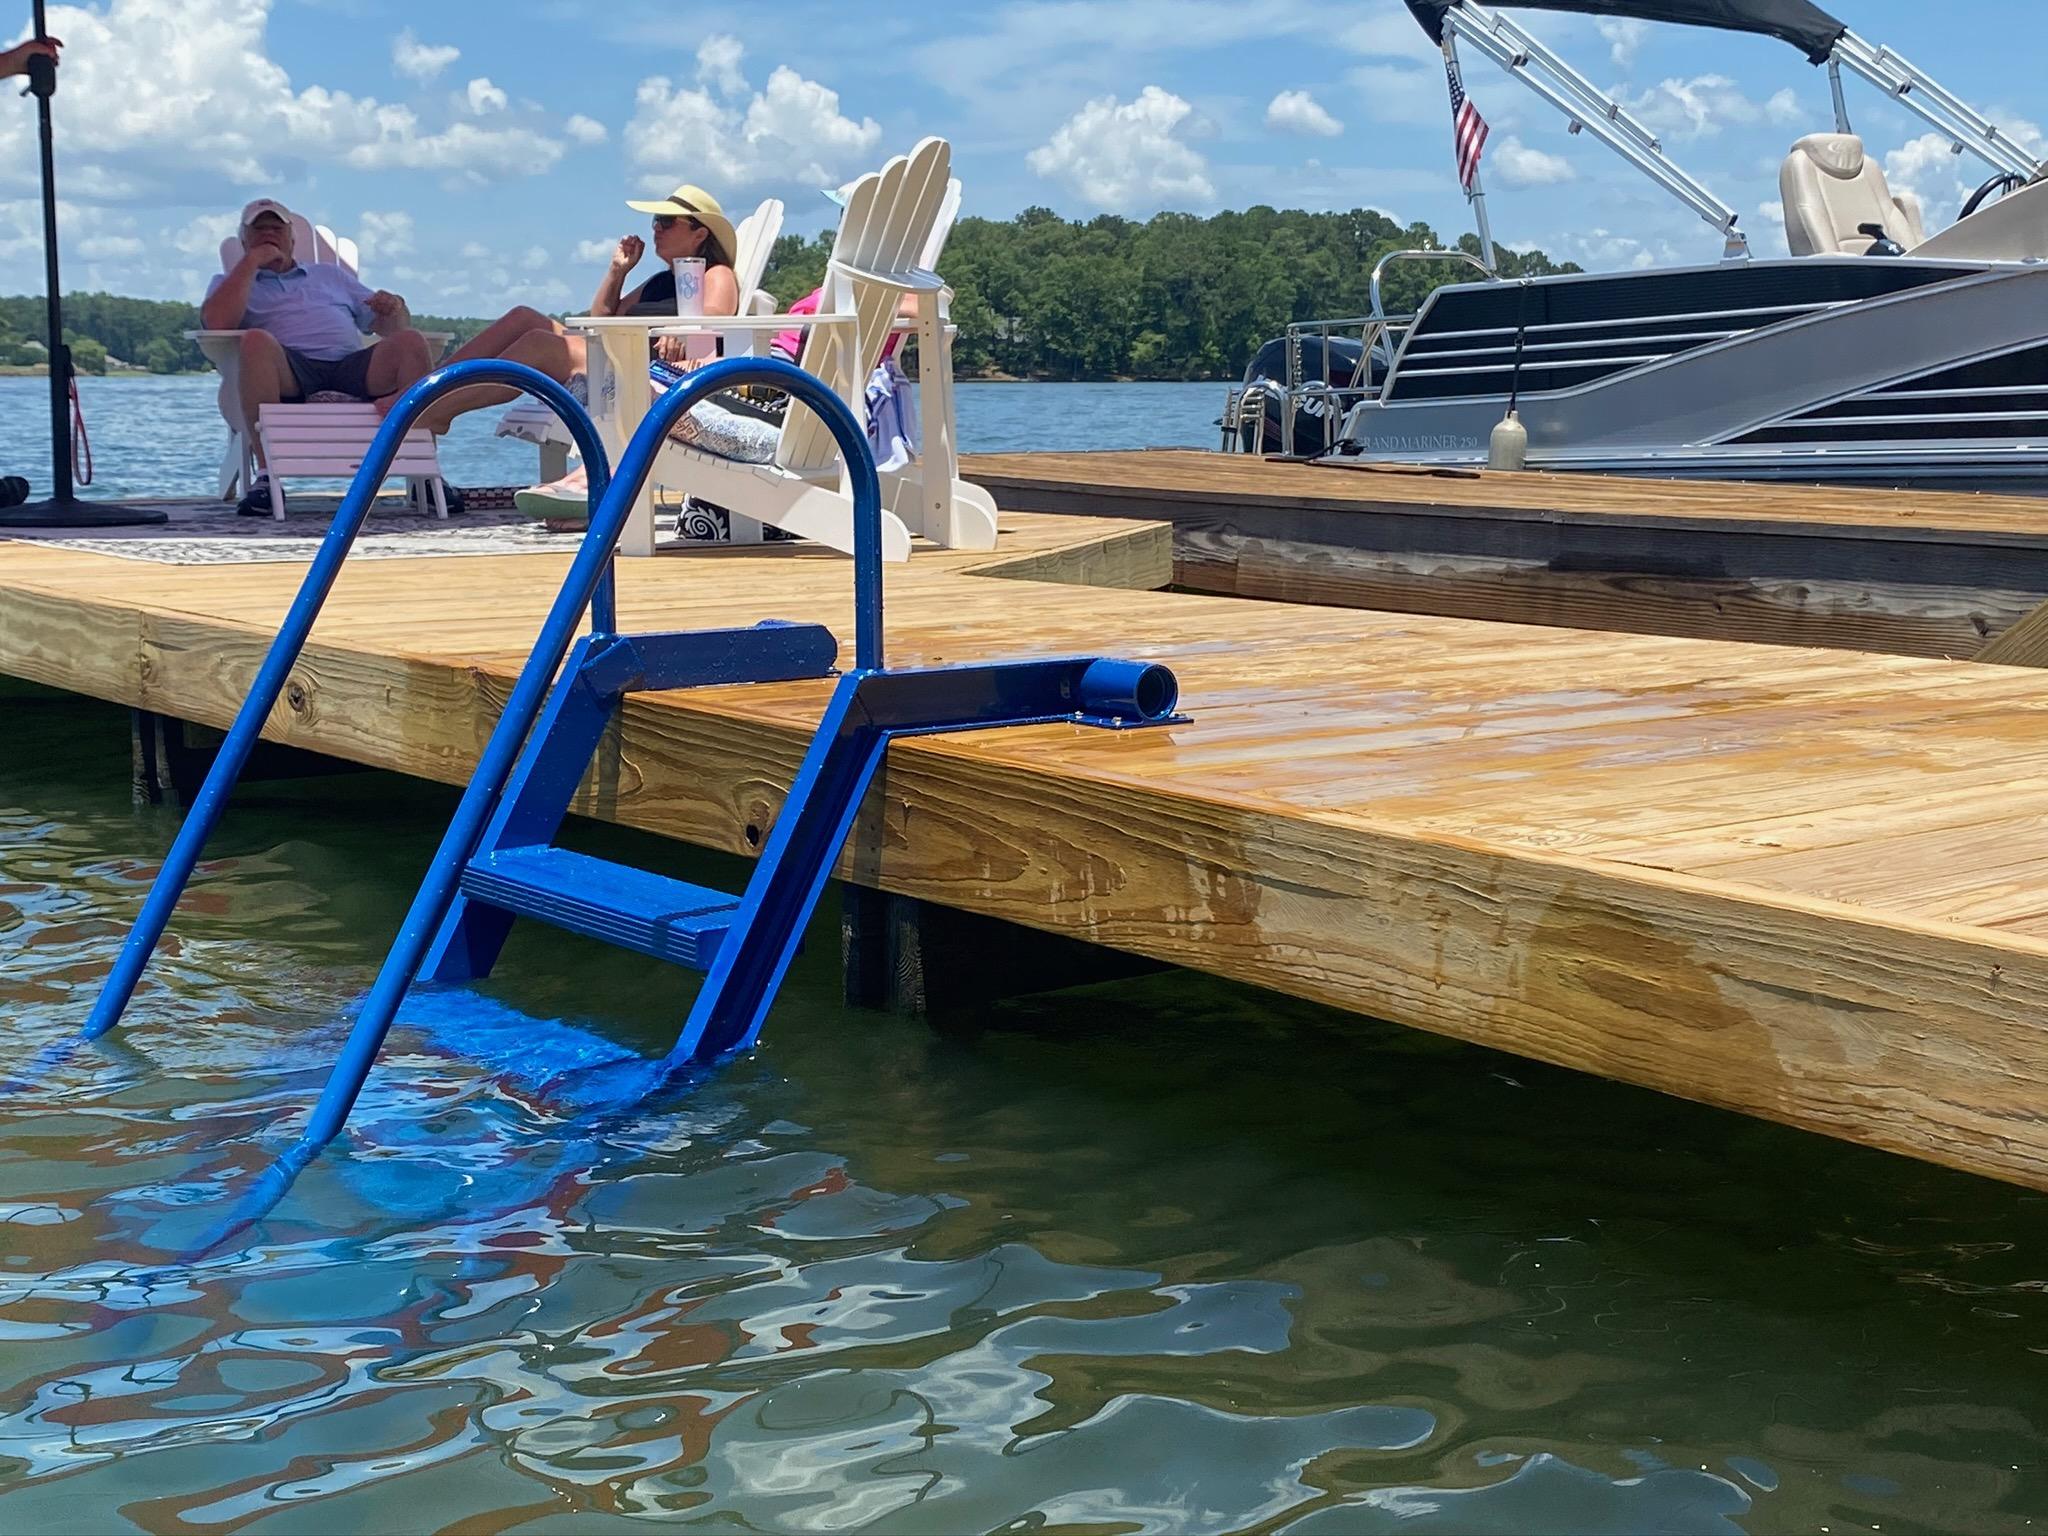 Blue WetSteps ladder on dock